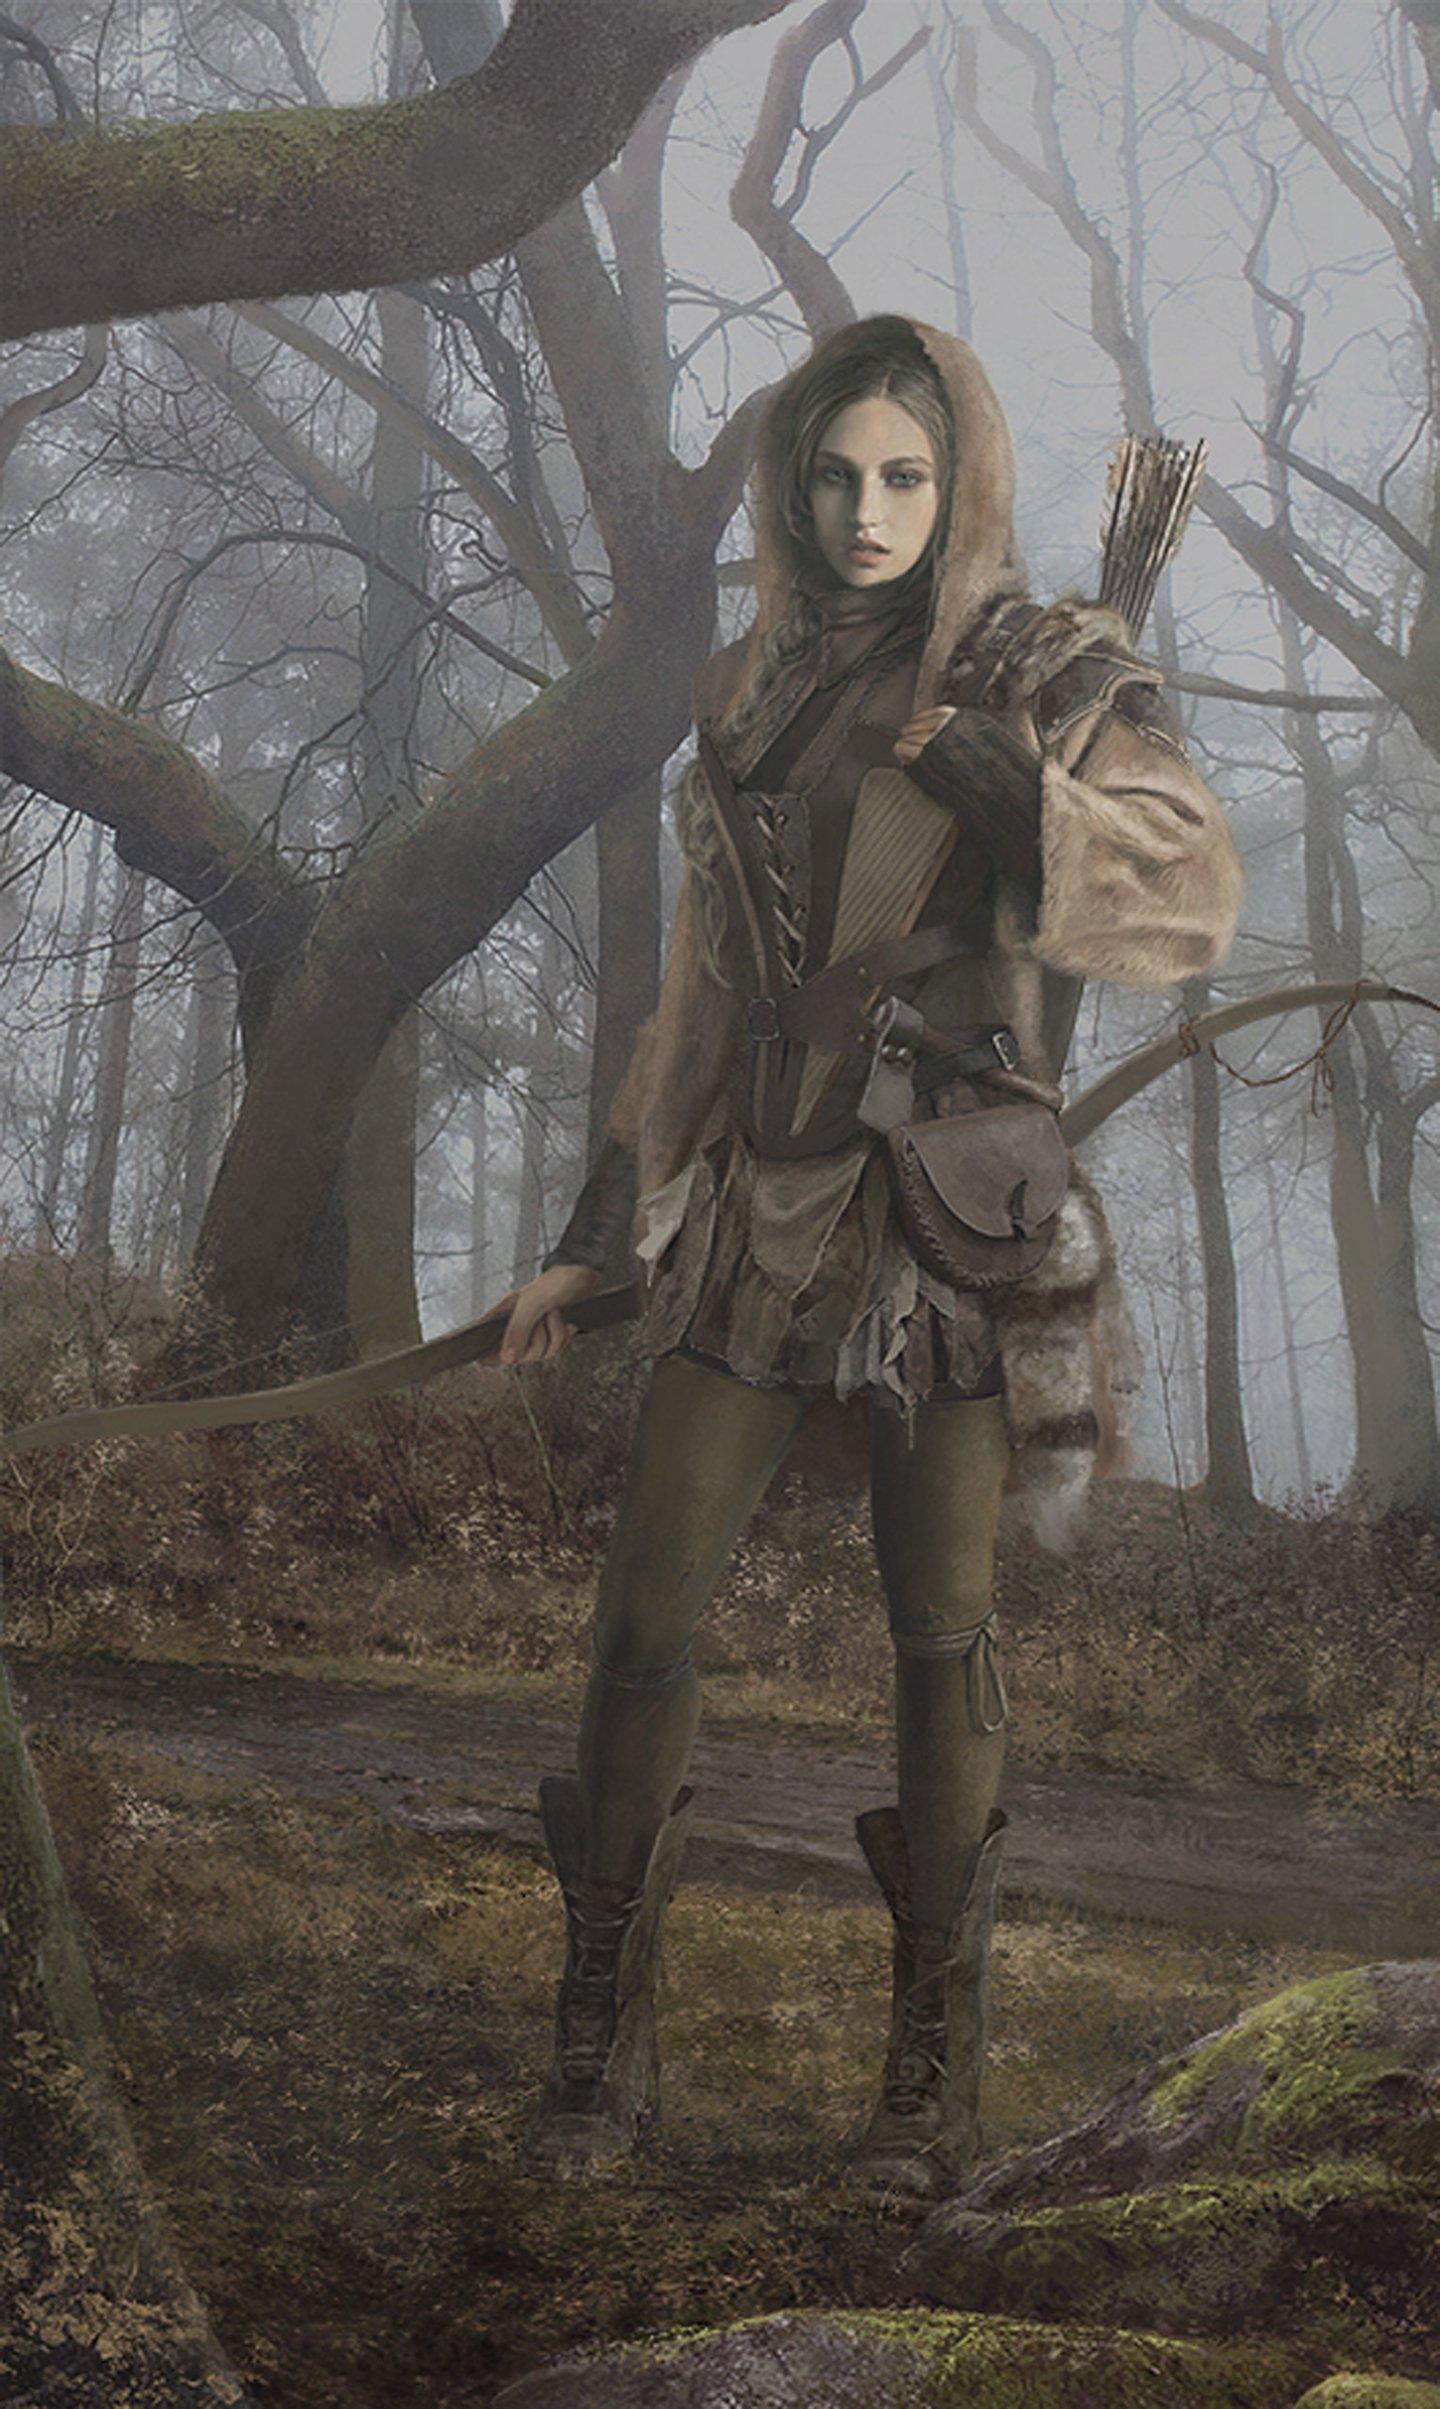 fantasy wallpaper girl